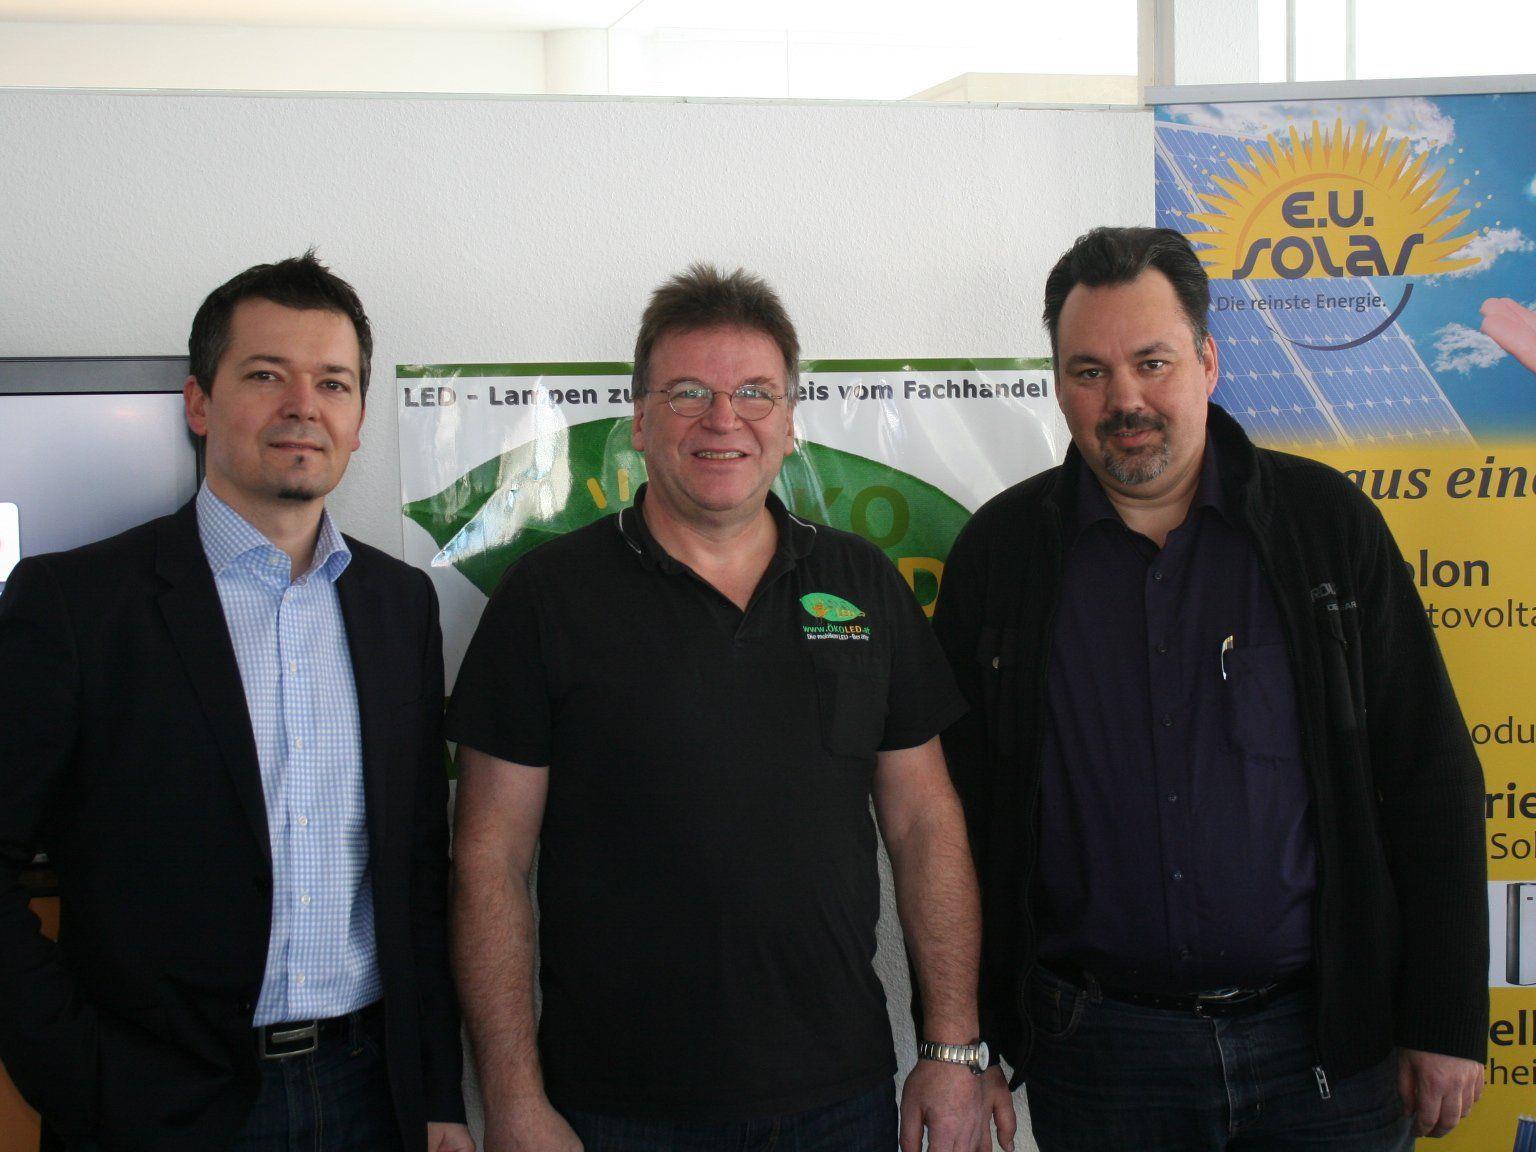 Energieexperten Oliver J. Wolff, Walter Siller und Wilfried Flatz